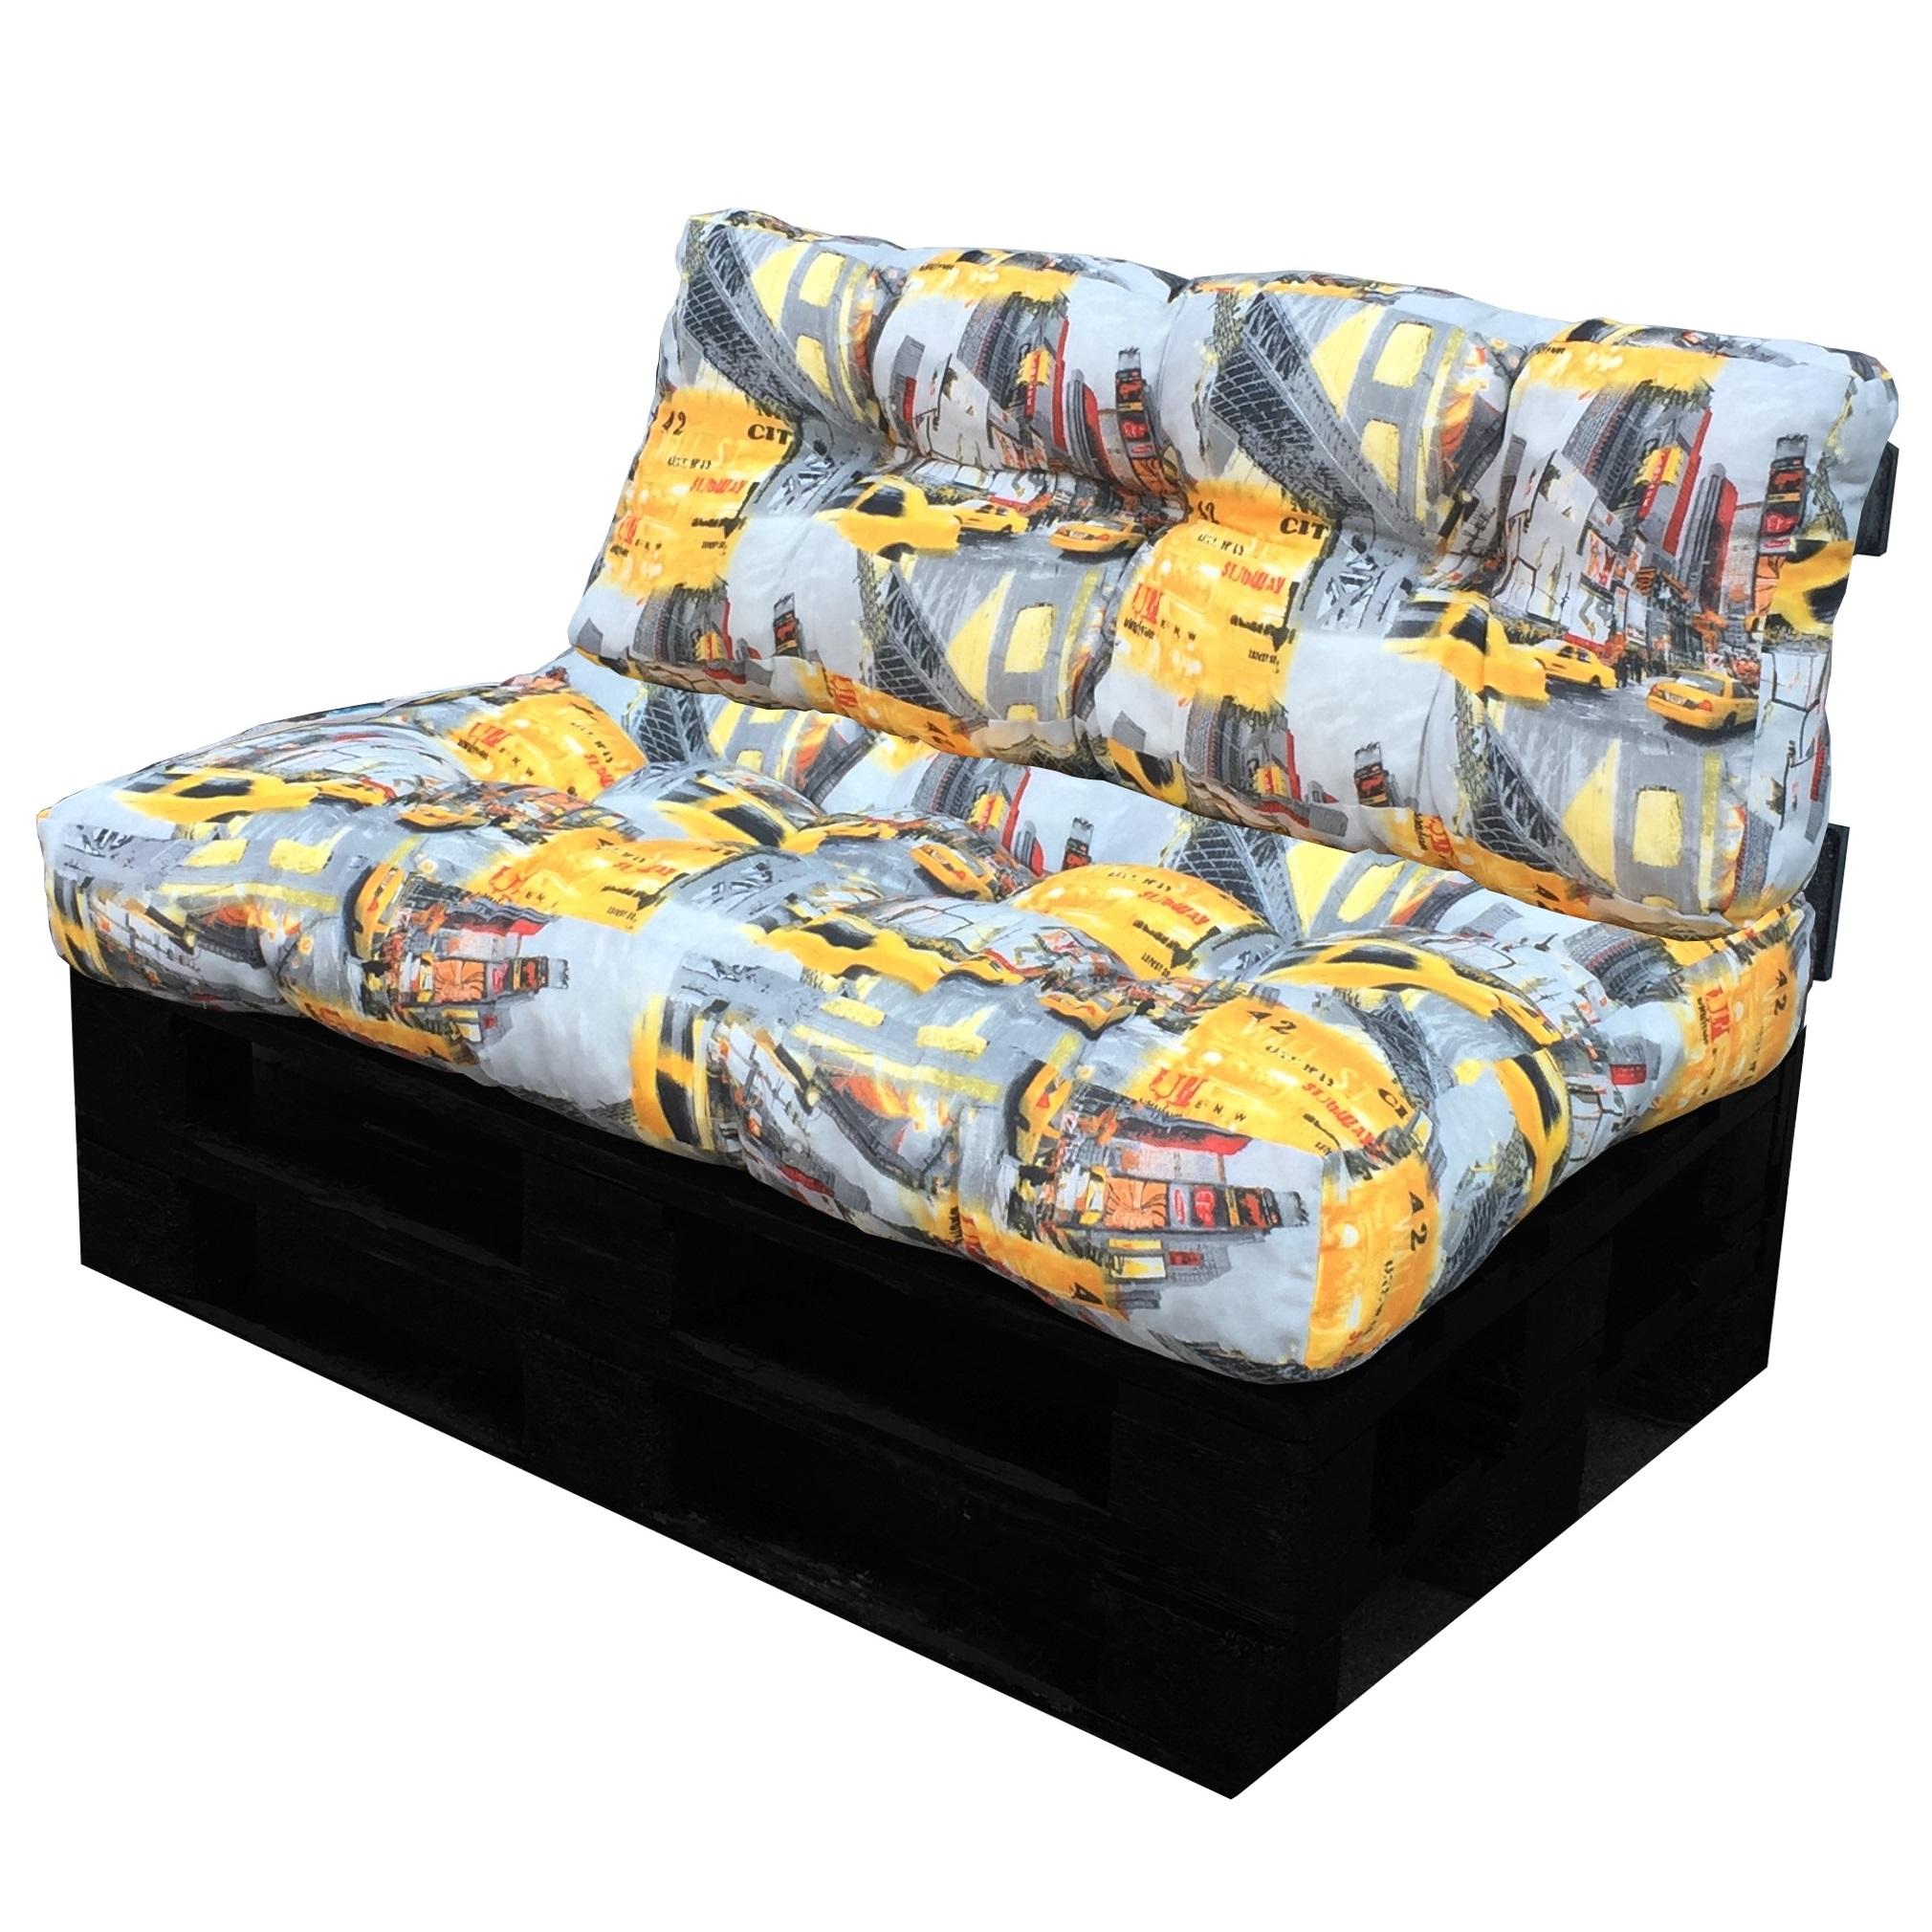 Cuscino per bancale seduta e schienale per divano pallet in tessuto fantasia ebay - Divano pallet schienale ...